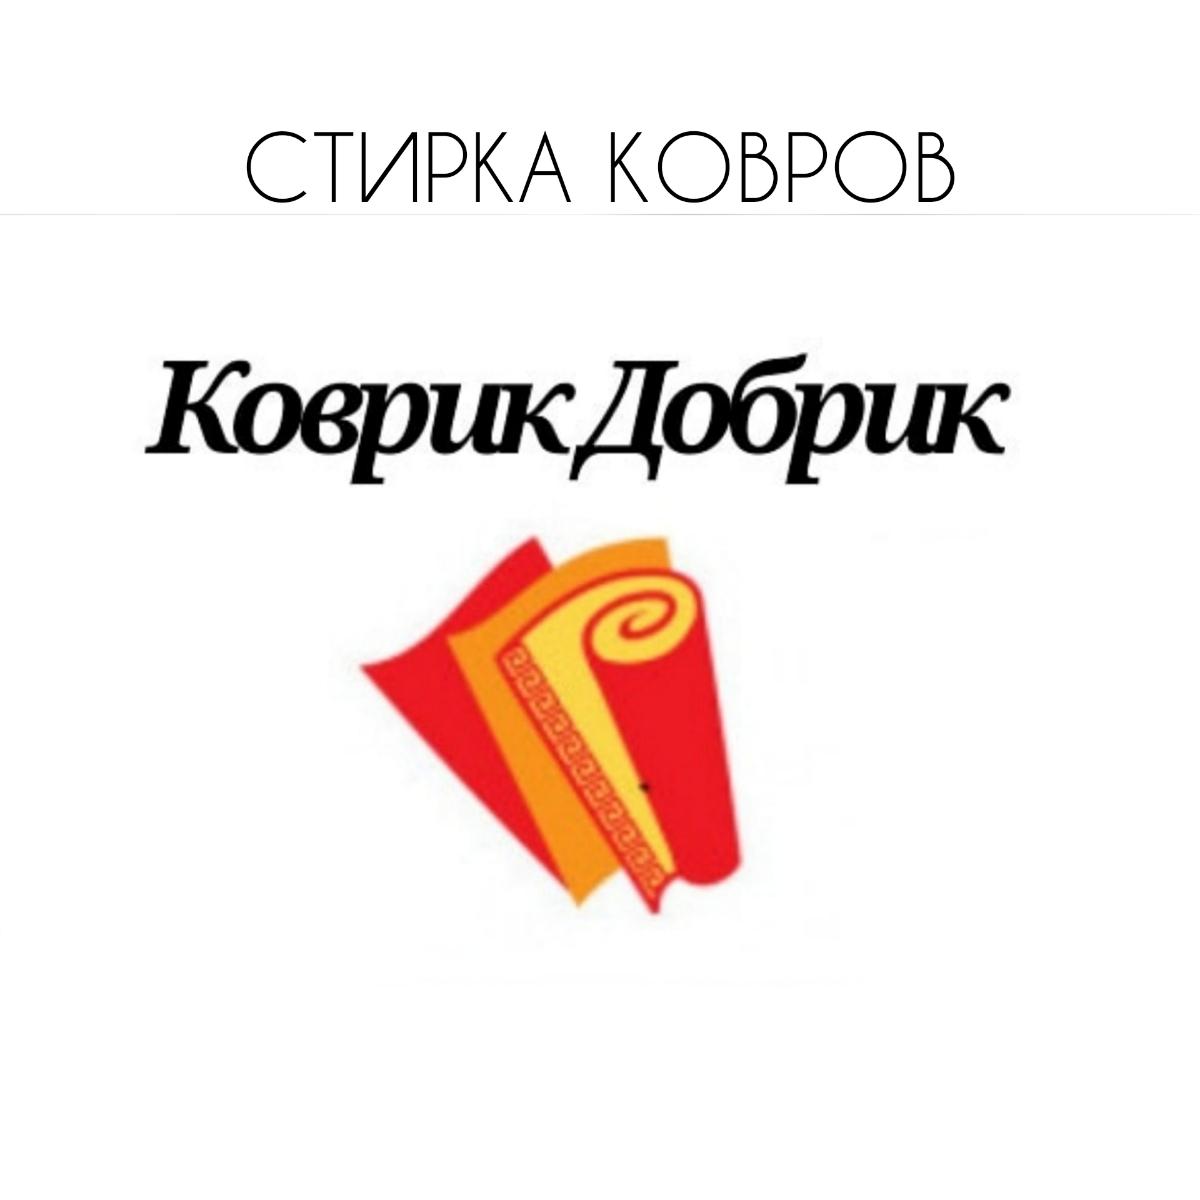 Коври Добрик